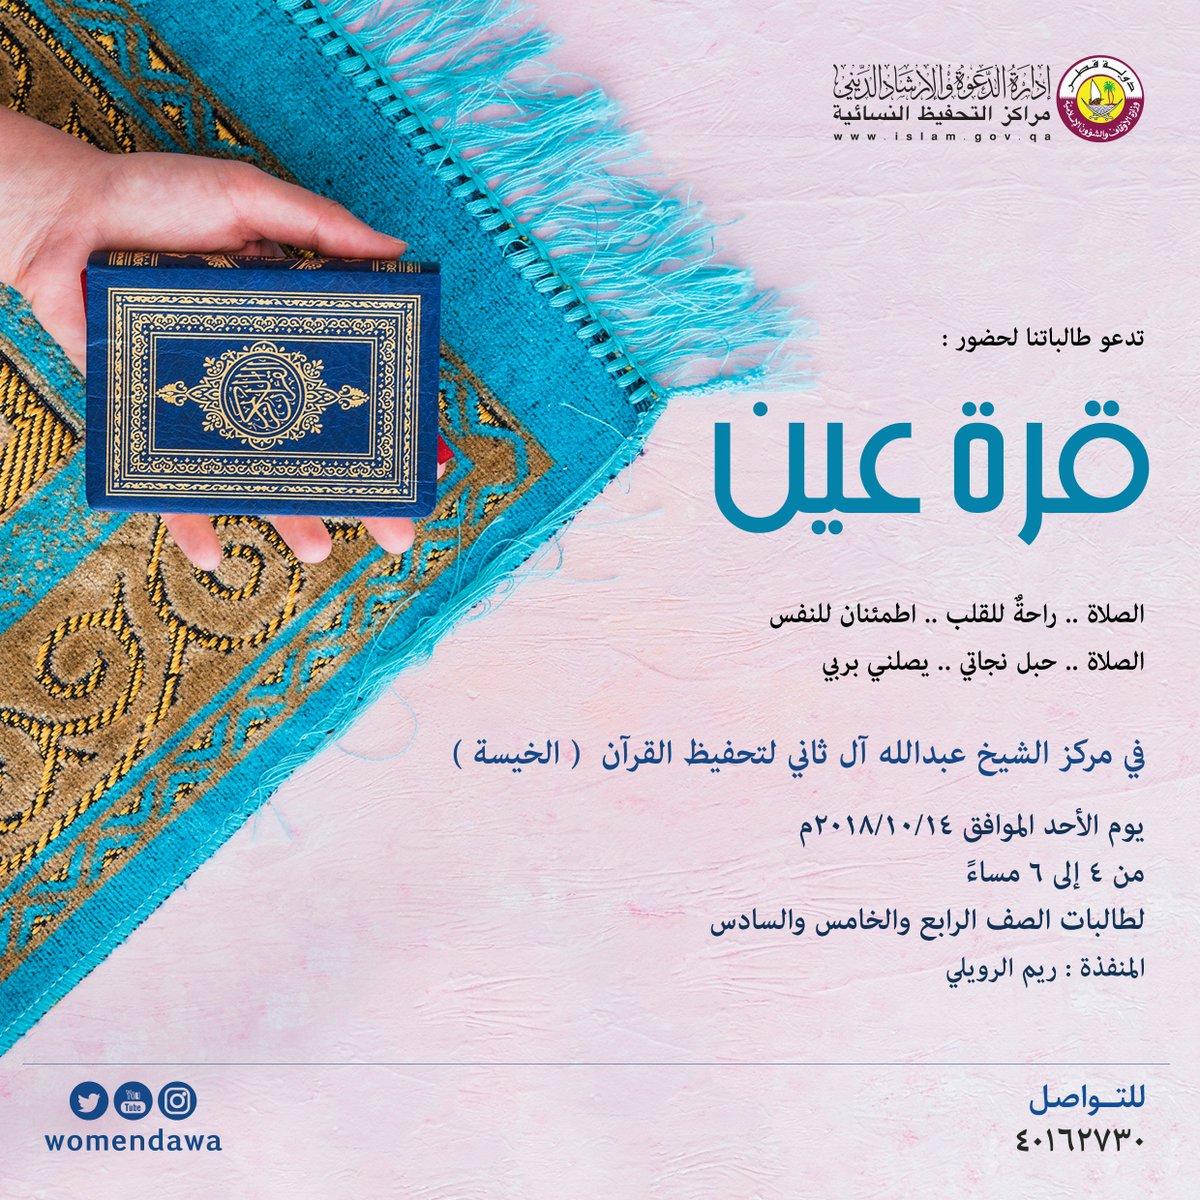 يغزو في معظم الحالات الإيمان مراكز تحفيظ القرآن في قطر للنساء Comertinsaat Com